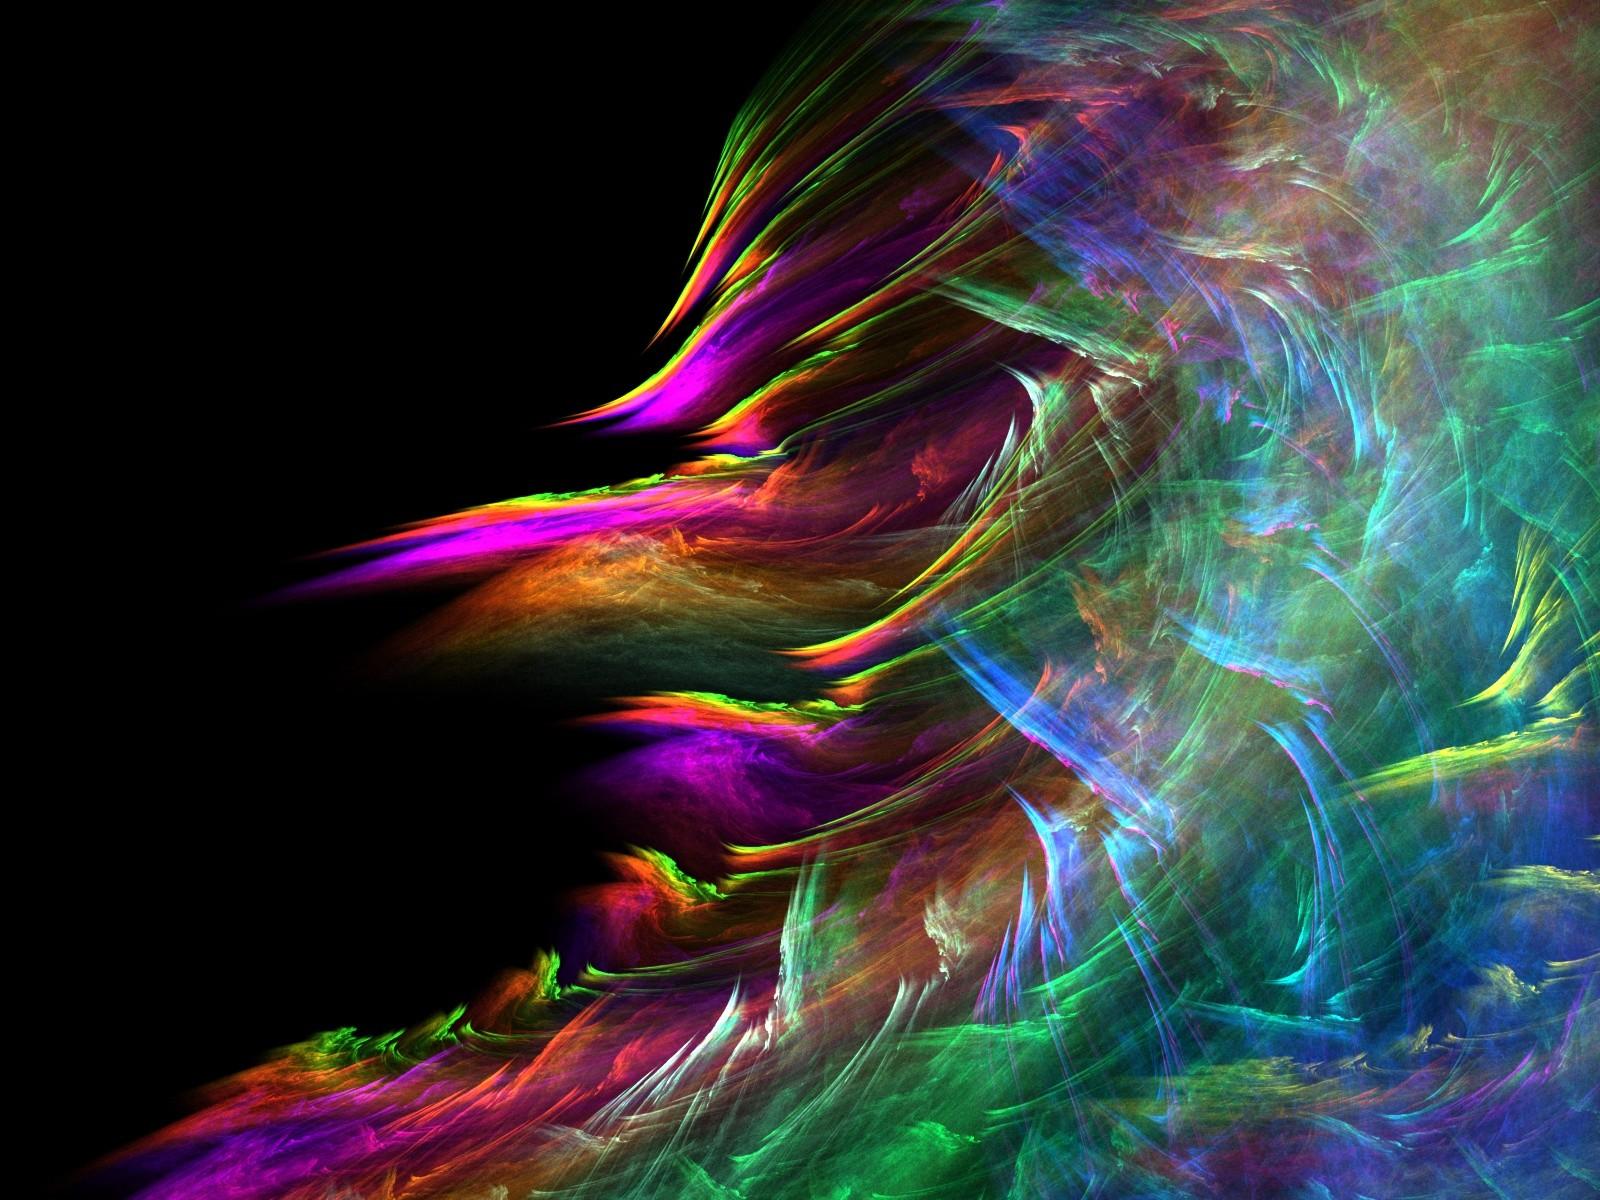 http://4.bp.blogspot.com/_ecNZSVR4JCI/TSKtF0ECONI/AAAAAAAAAp8/l8vslCYUHpM/s1600/21833.jpg